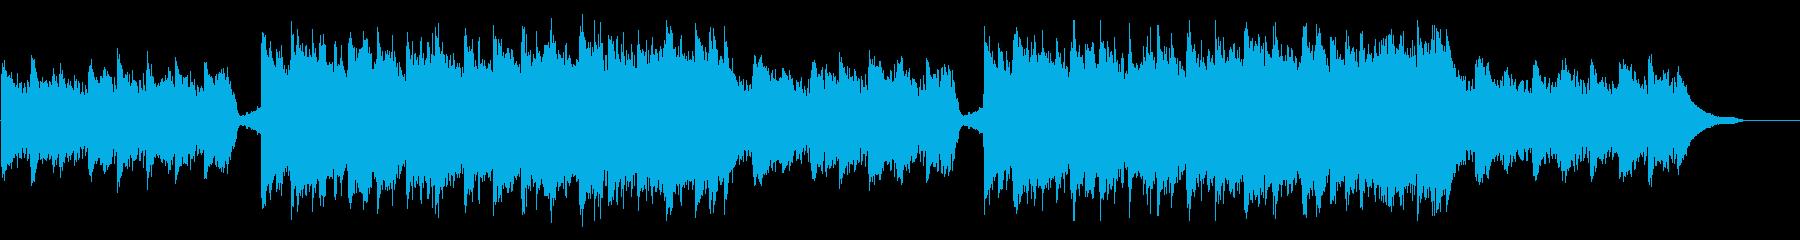 力強いエピックオーケストラ/壮大/シネマの再生済みの波形